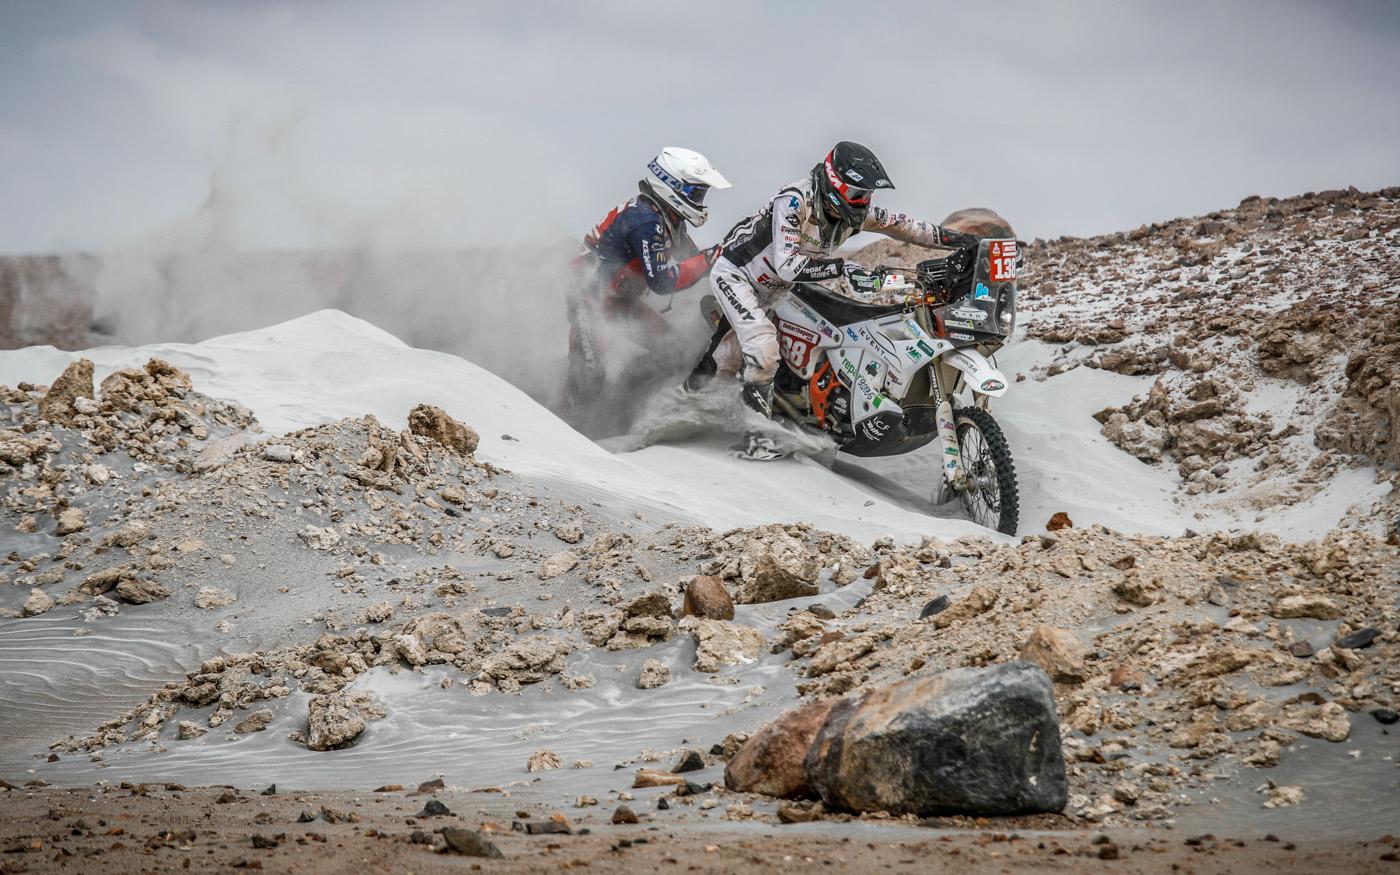 Während der 4. Etappe der Dakar 2019 am 10. Januar